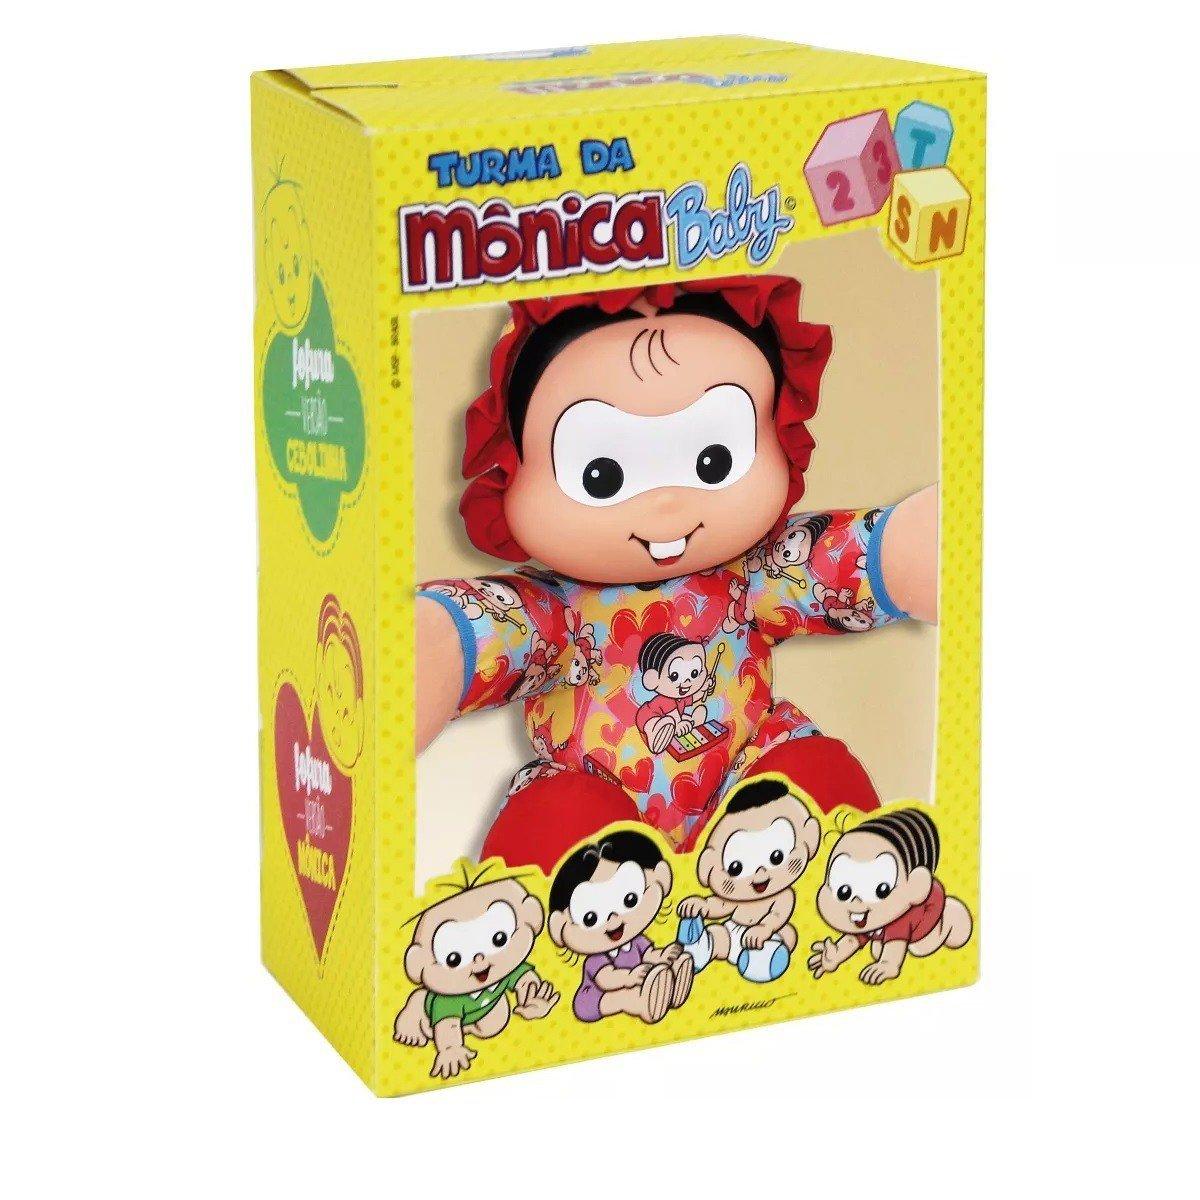 Turma Da Mônica Boneca Mônica Baby - Multtibrink 4240